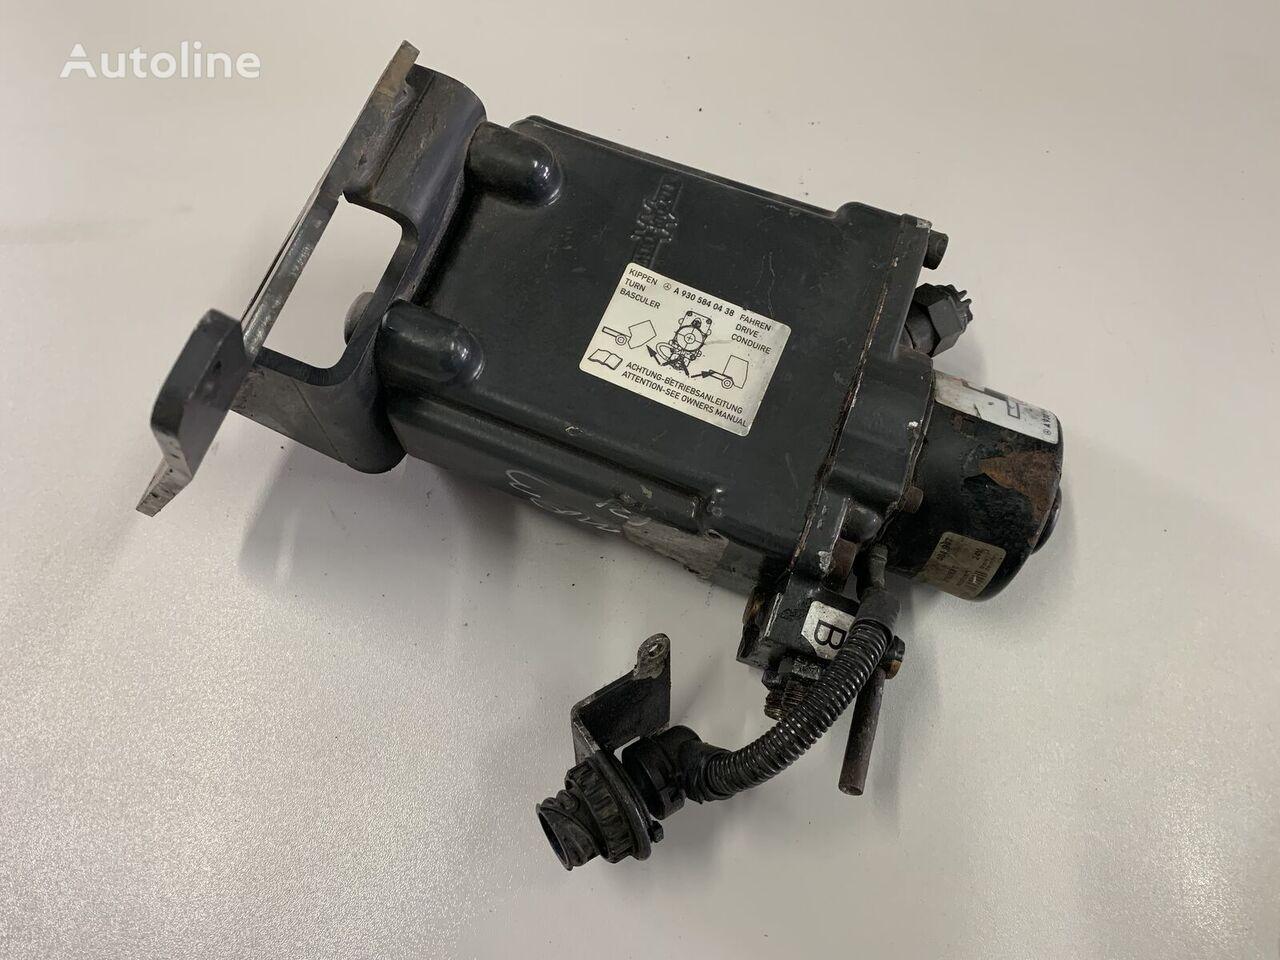 MERCEDES-BENZ ACTROS MP3 elekrtyczna pompka cab lift pump for MERCEDES-BENZ Actros MP3 tractor unit